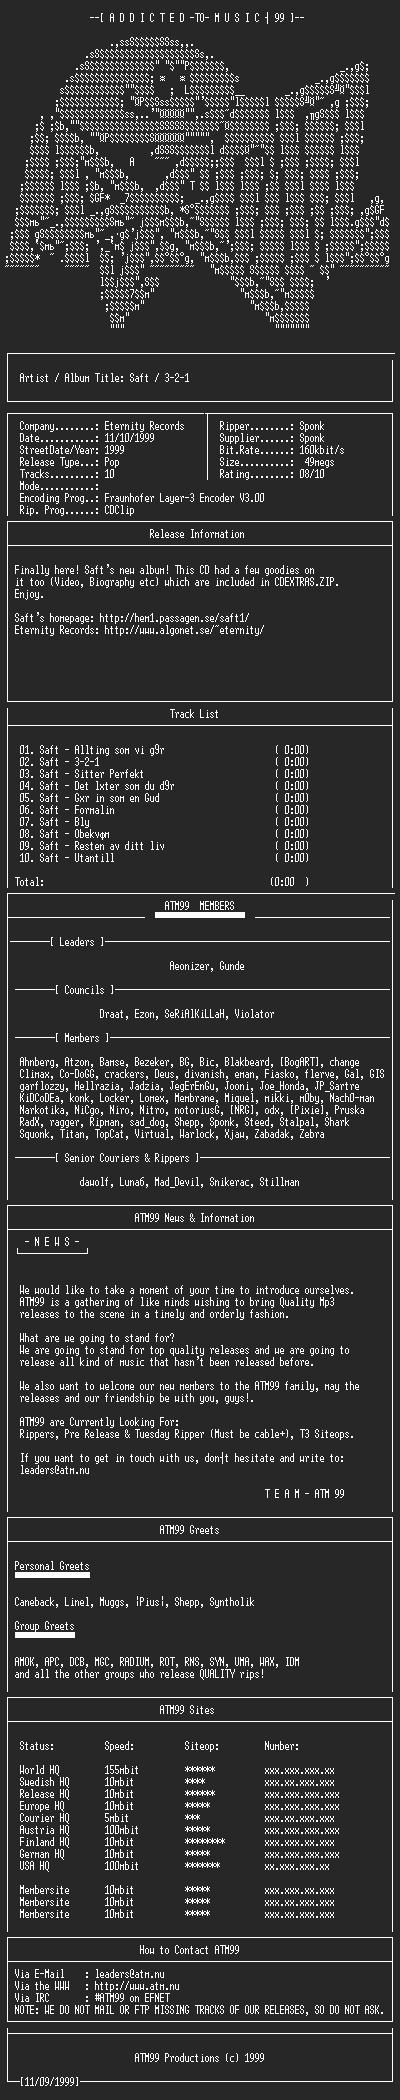 NFO file for Saft_-_3-2-1_(1999)_-_ATM99